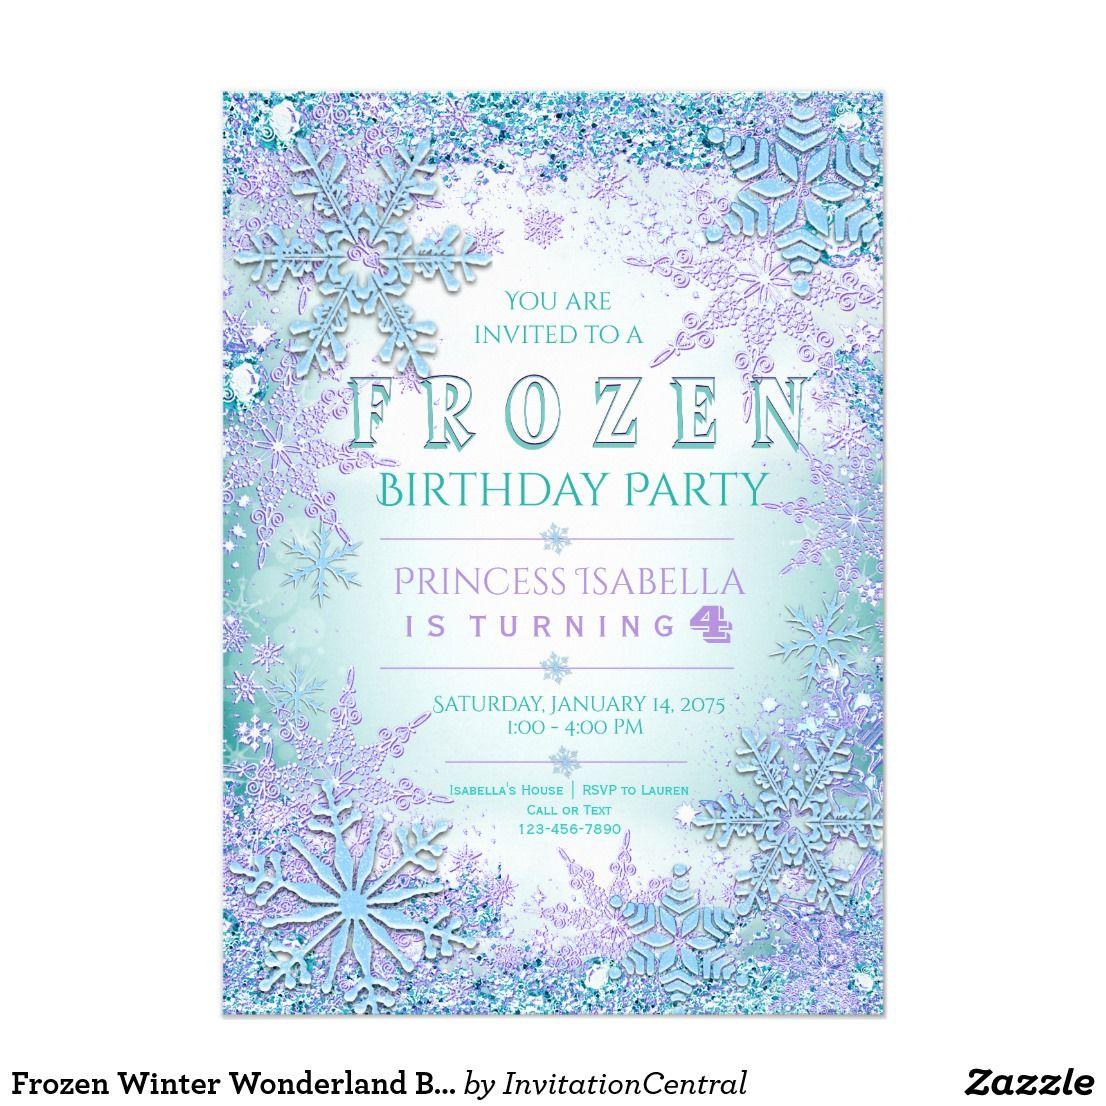 Frozen Winter Wonderland Birthday Party Invitation   Frozen Birthday ...